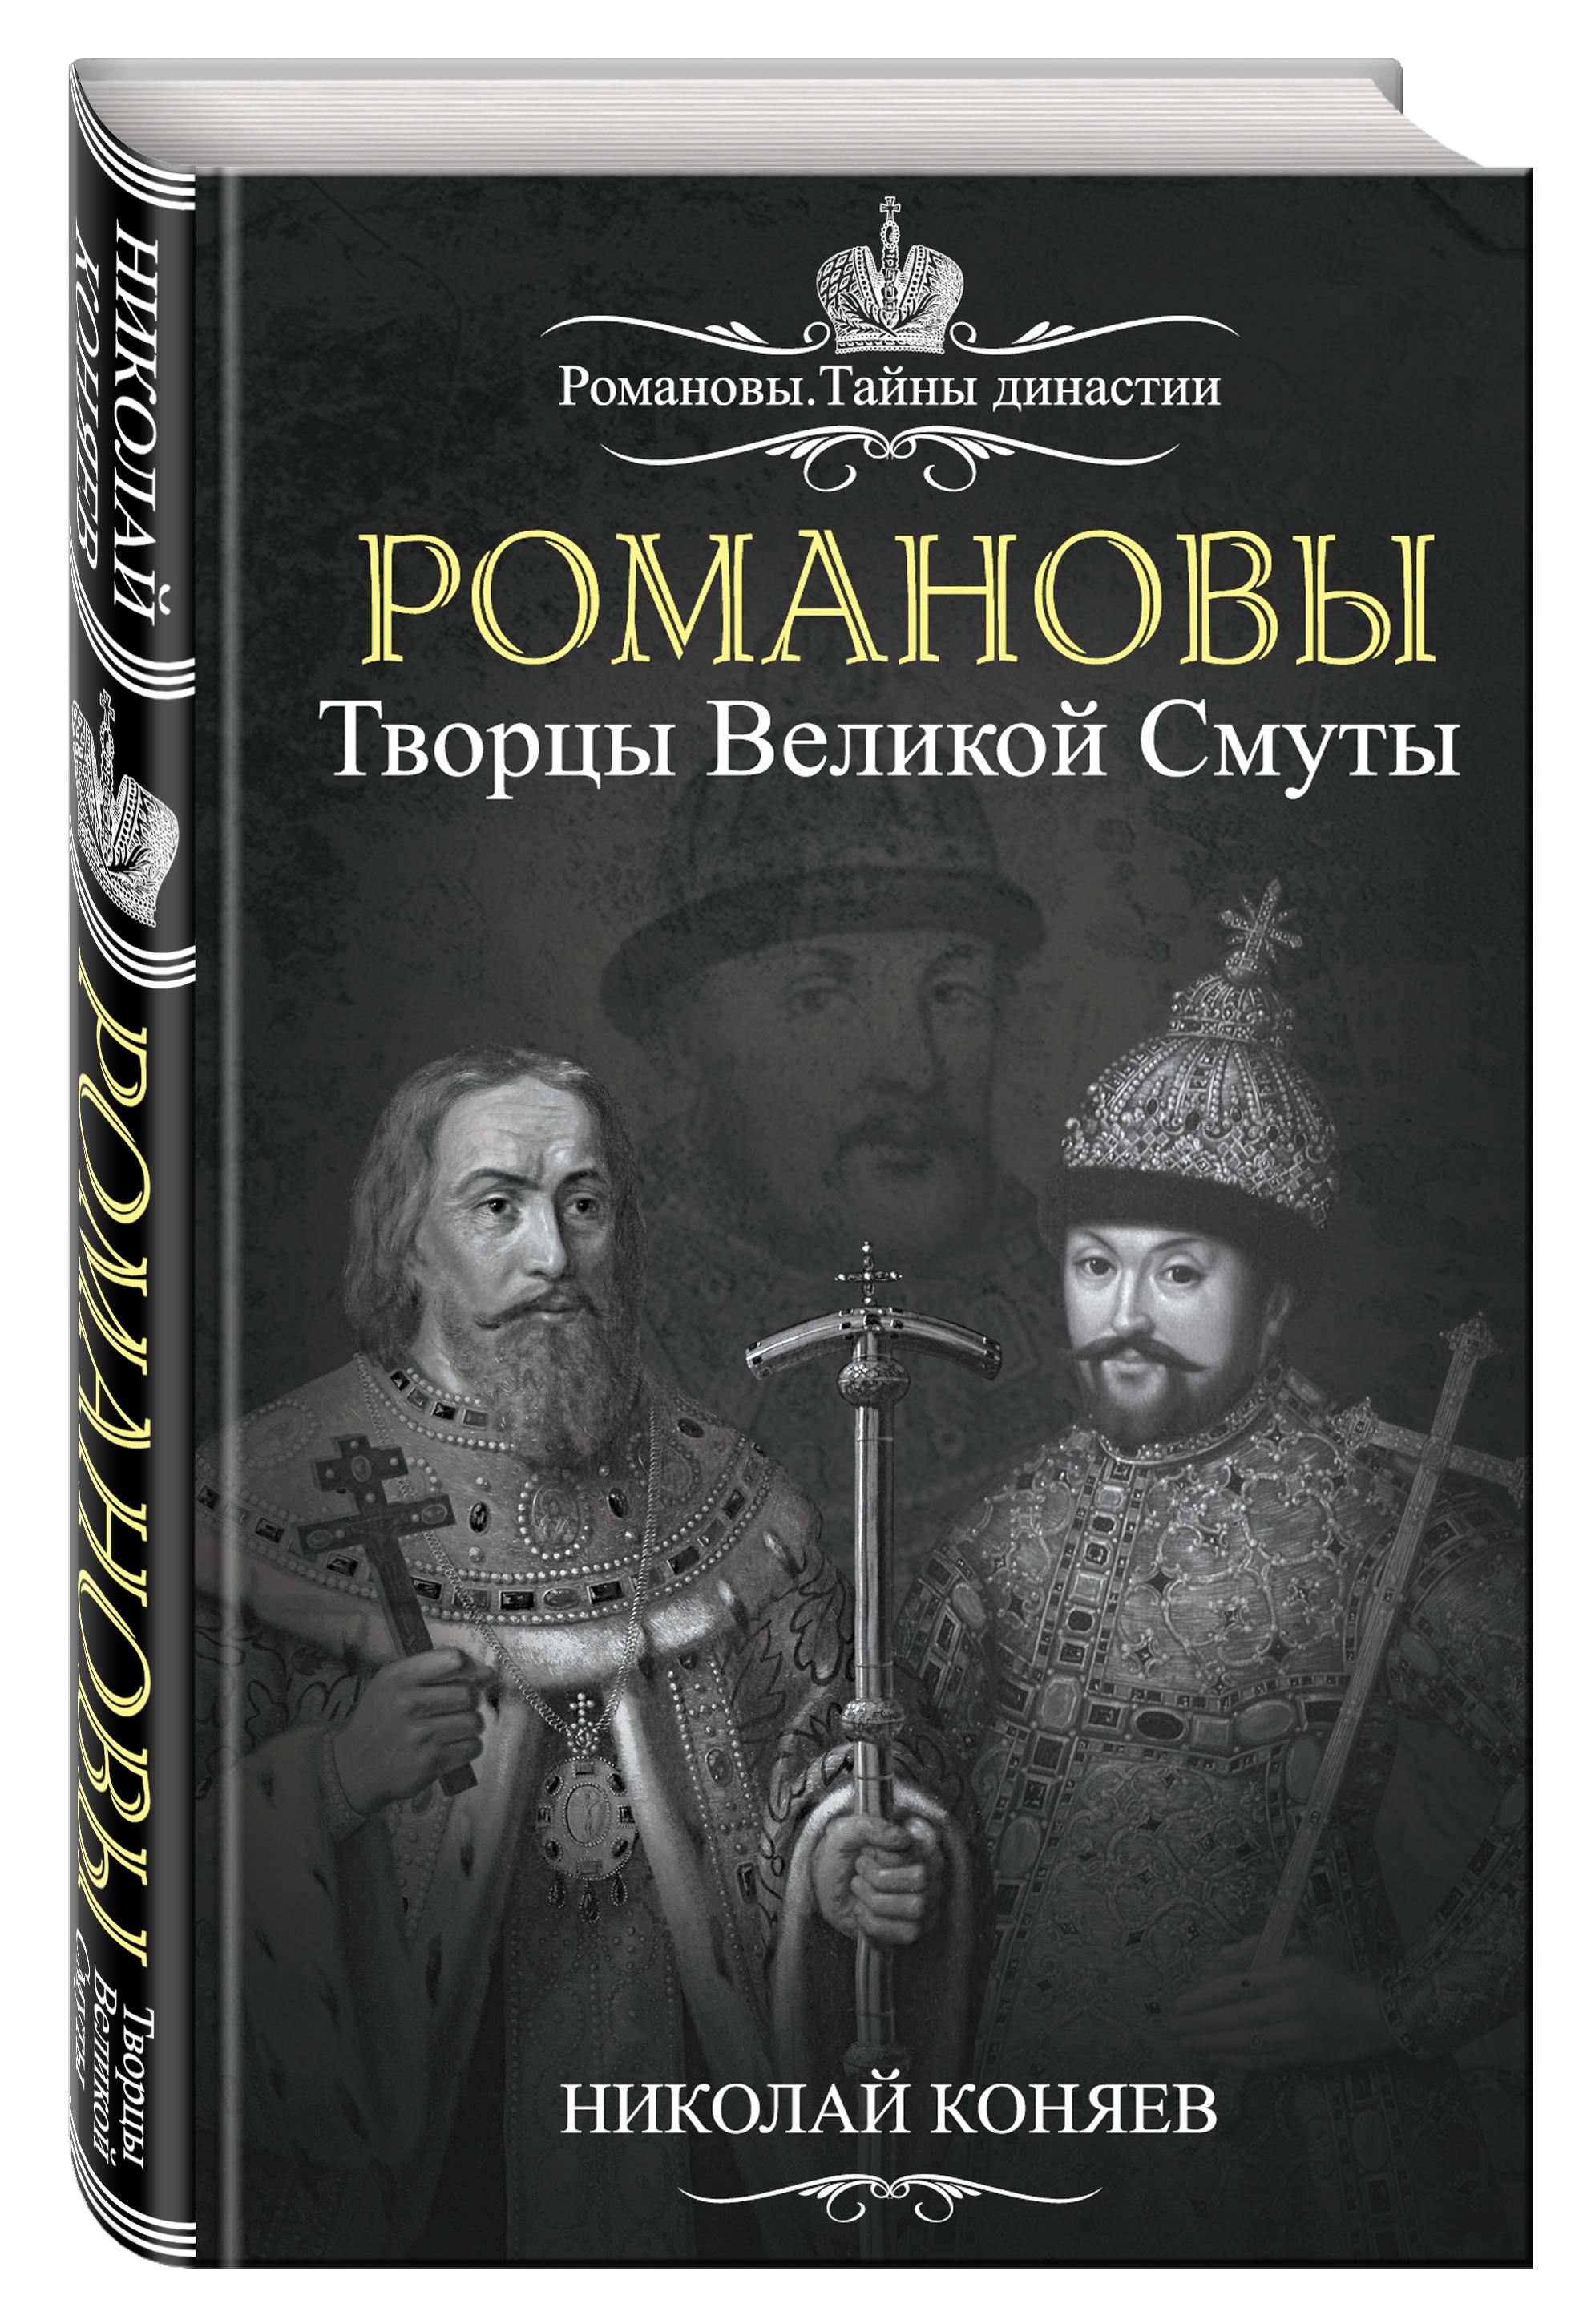 Коняев Н.М. Романовы. Творцы Великой Смуты